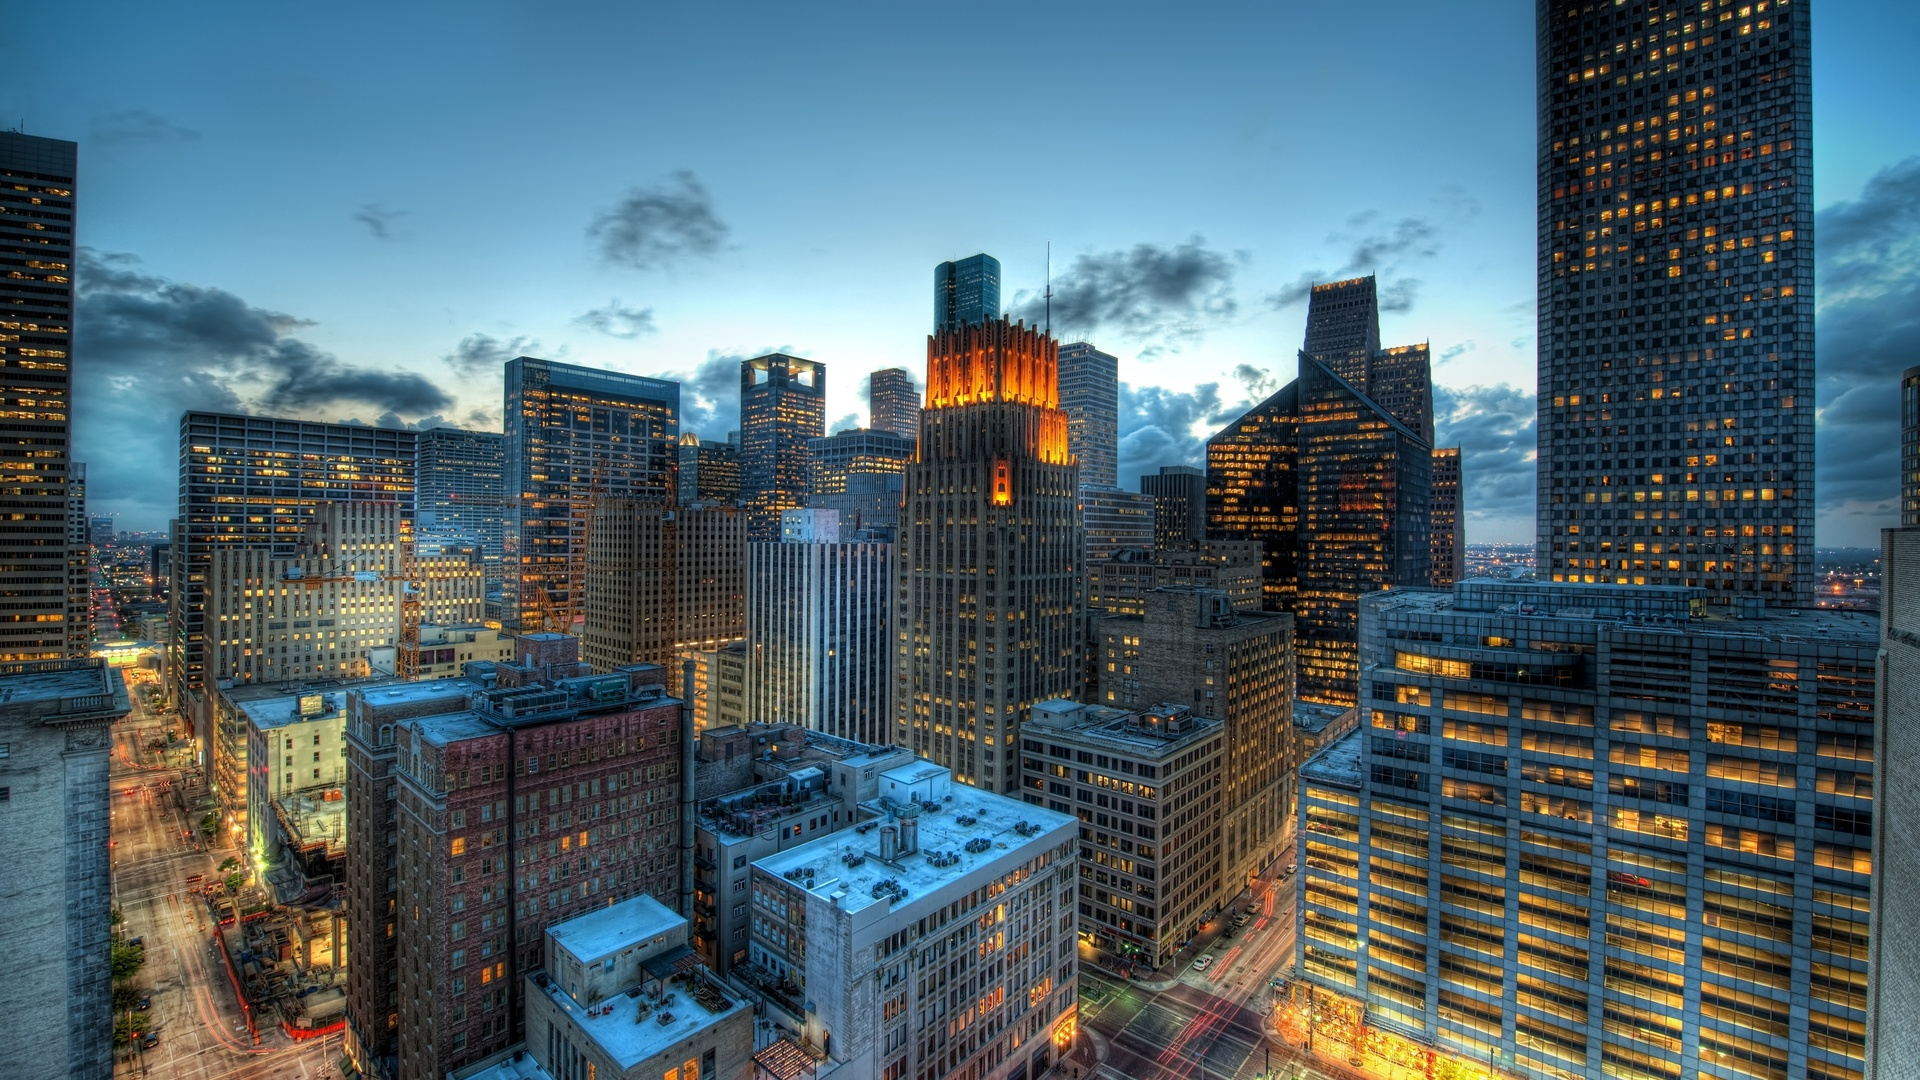 Скрапбукинг марта, классные картинки городов